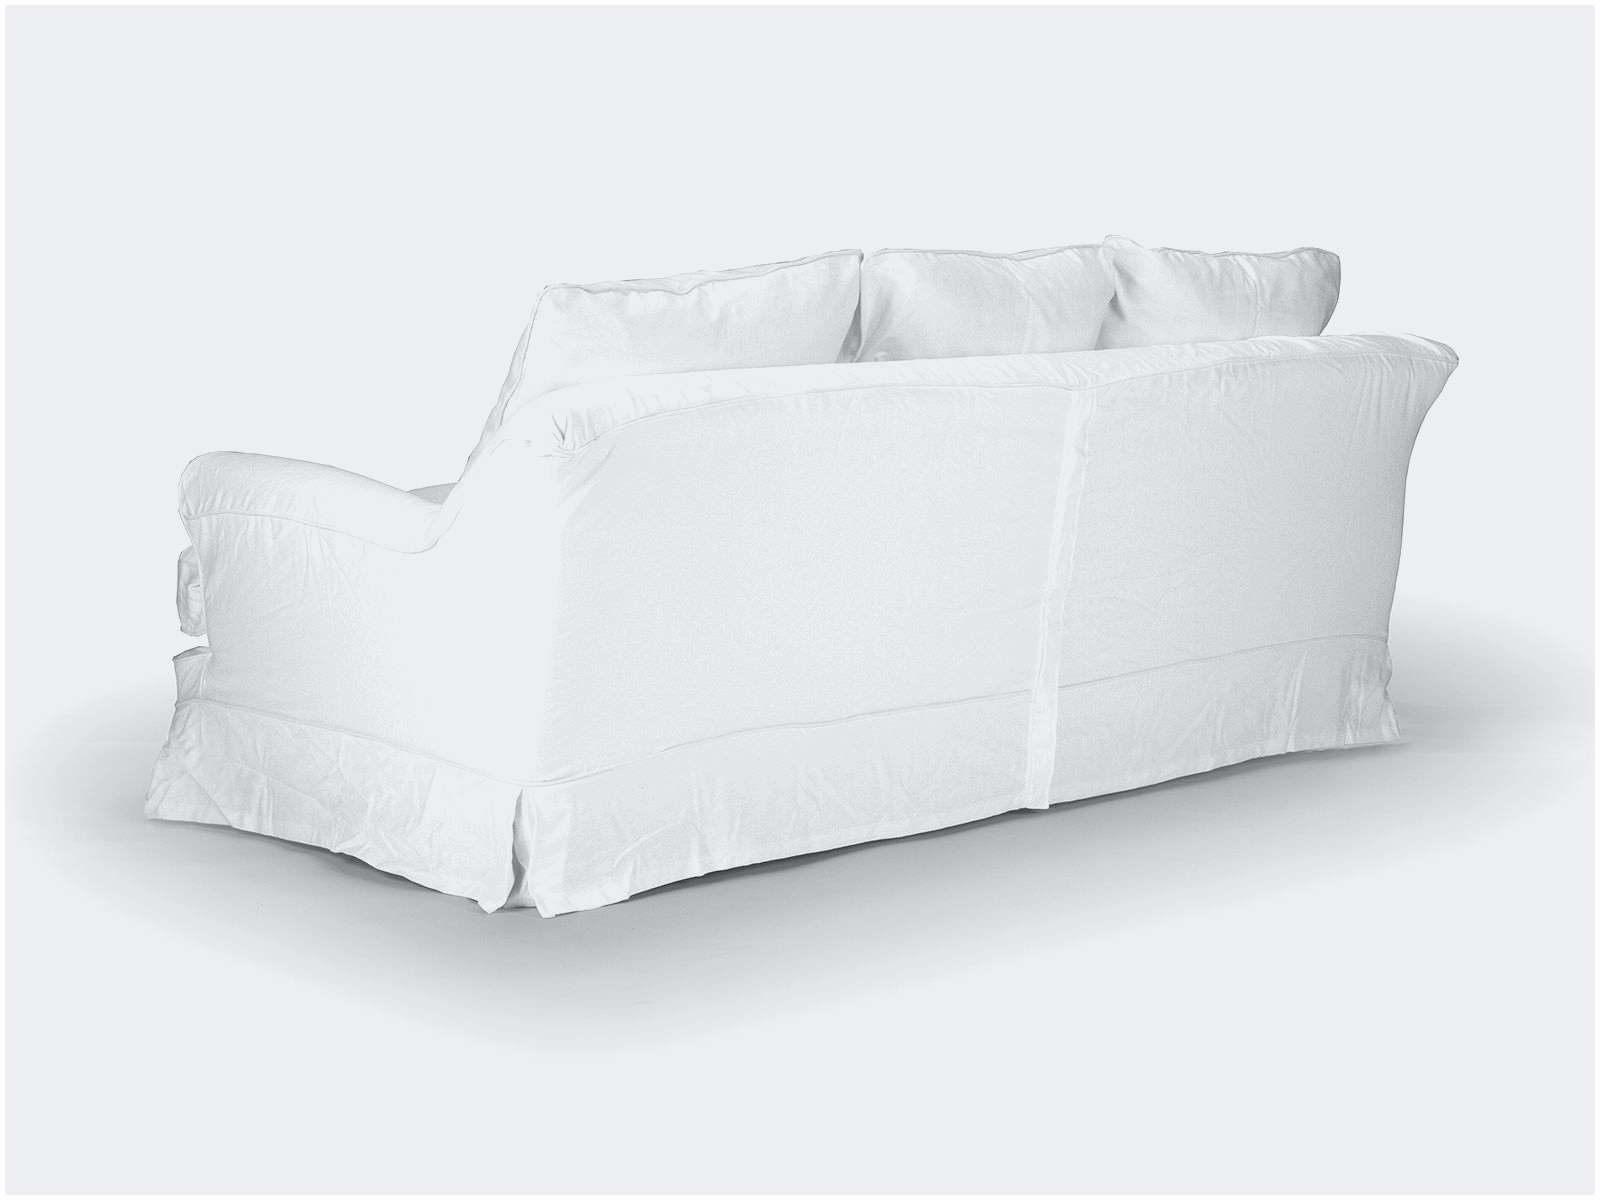 La Redoute Canapé Lit Inspirant Beau Canap Bz Ikea Cool Ikea Canape Lit Bz Canape Convertible Bz